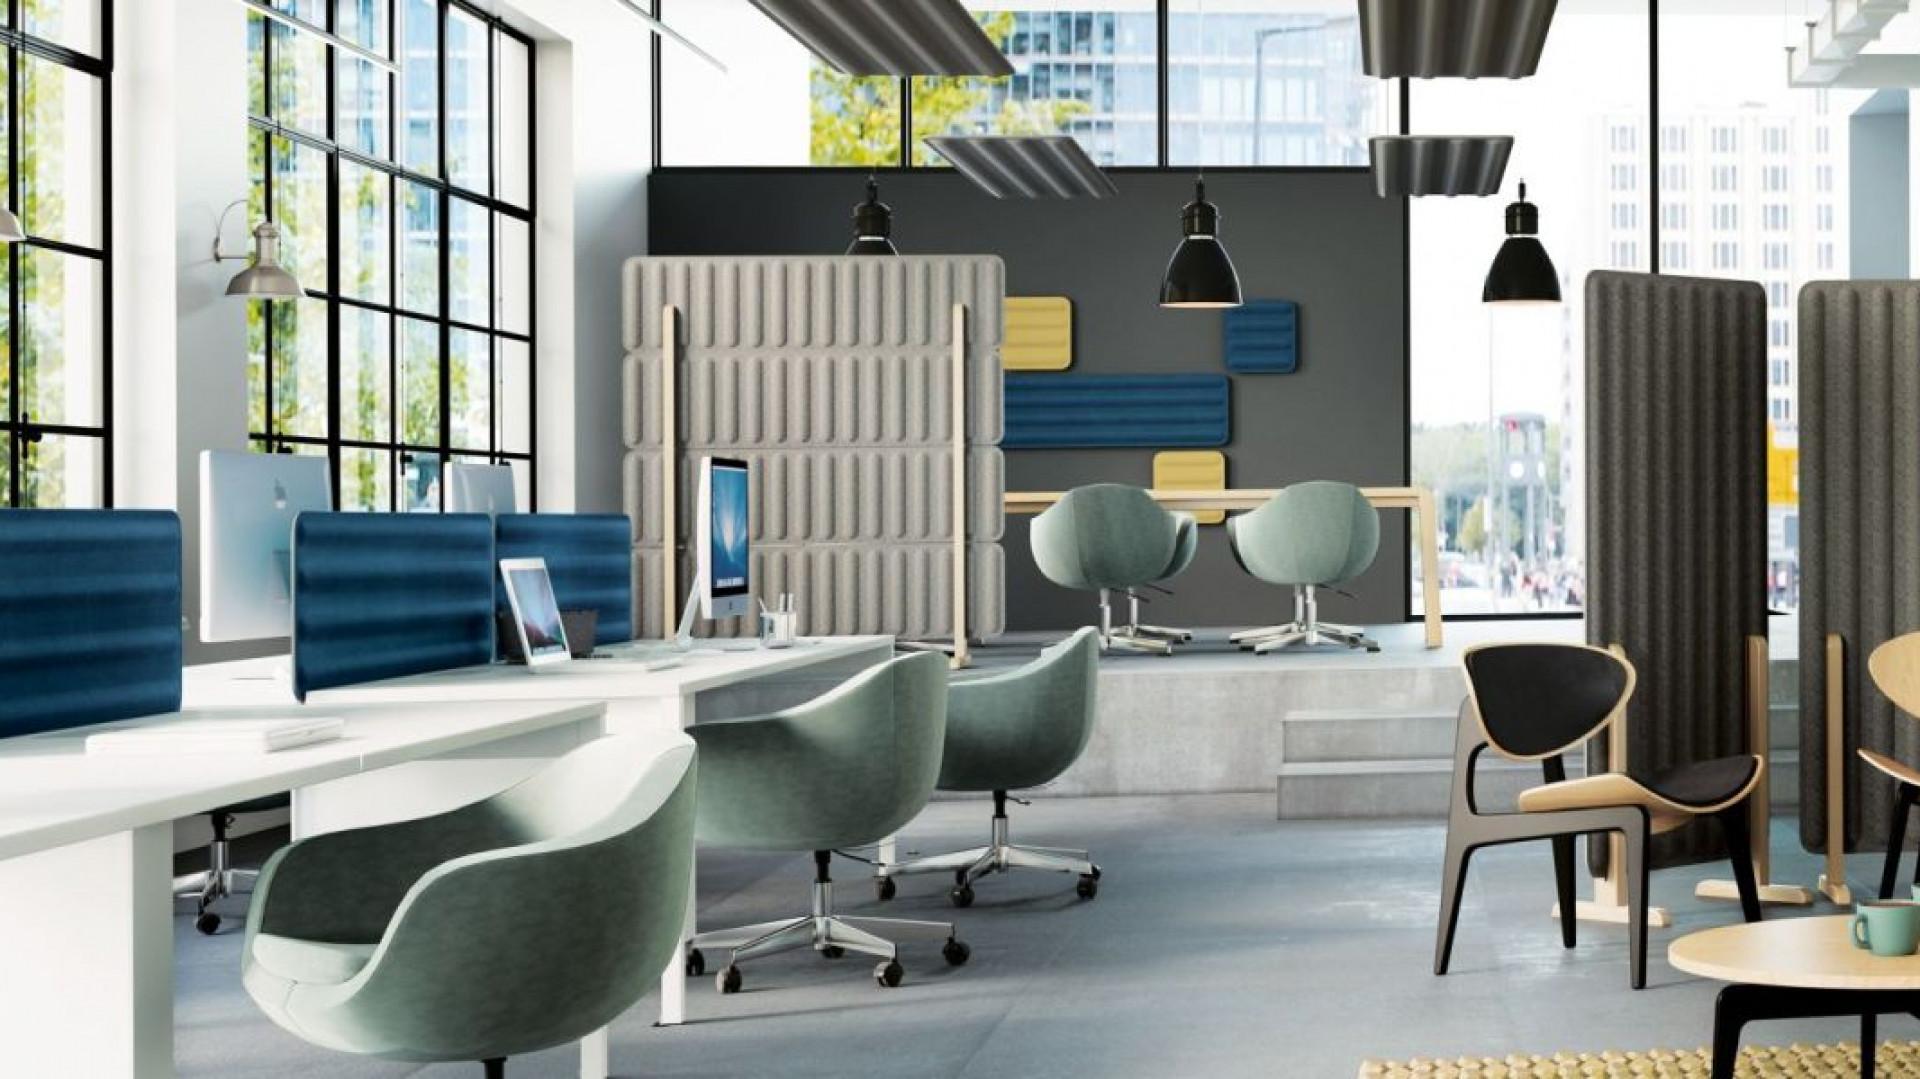 Jak zaprojektować wydzielone strefy w biurze?